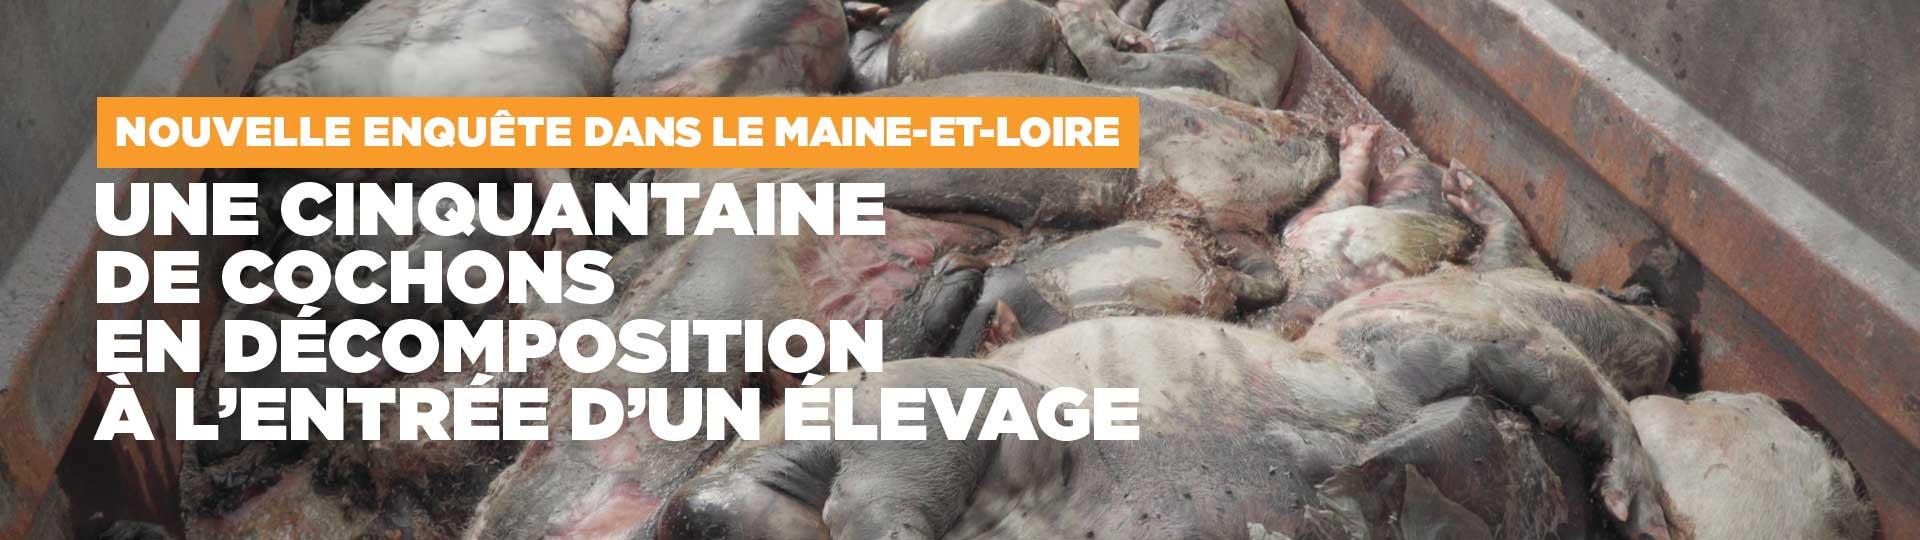 Enquêtes : des cochons en décomposition